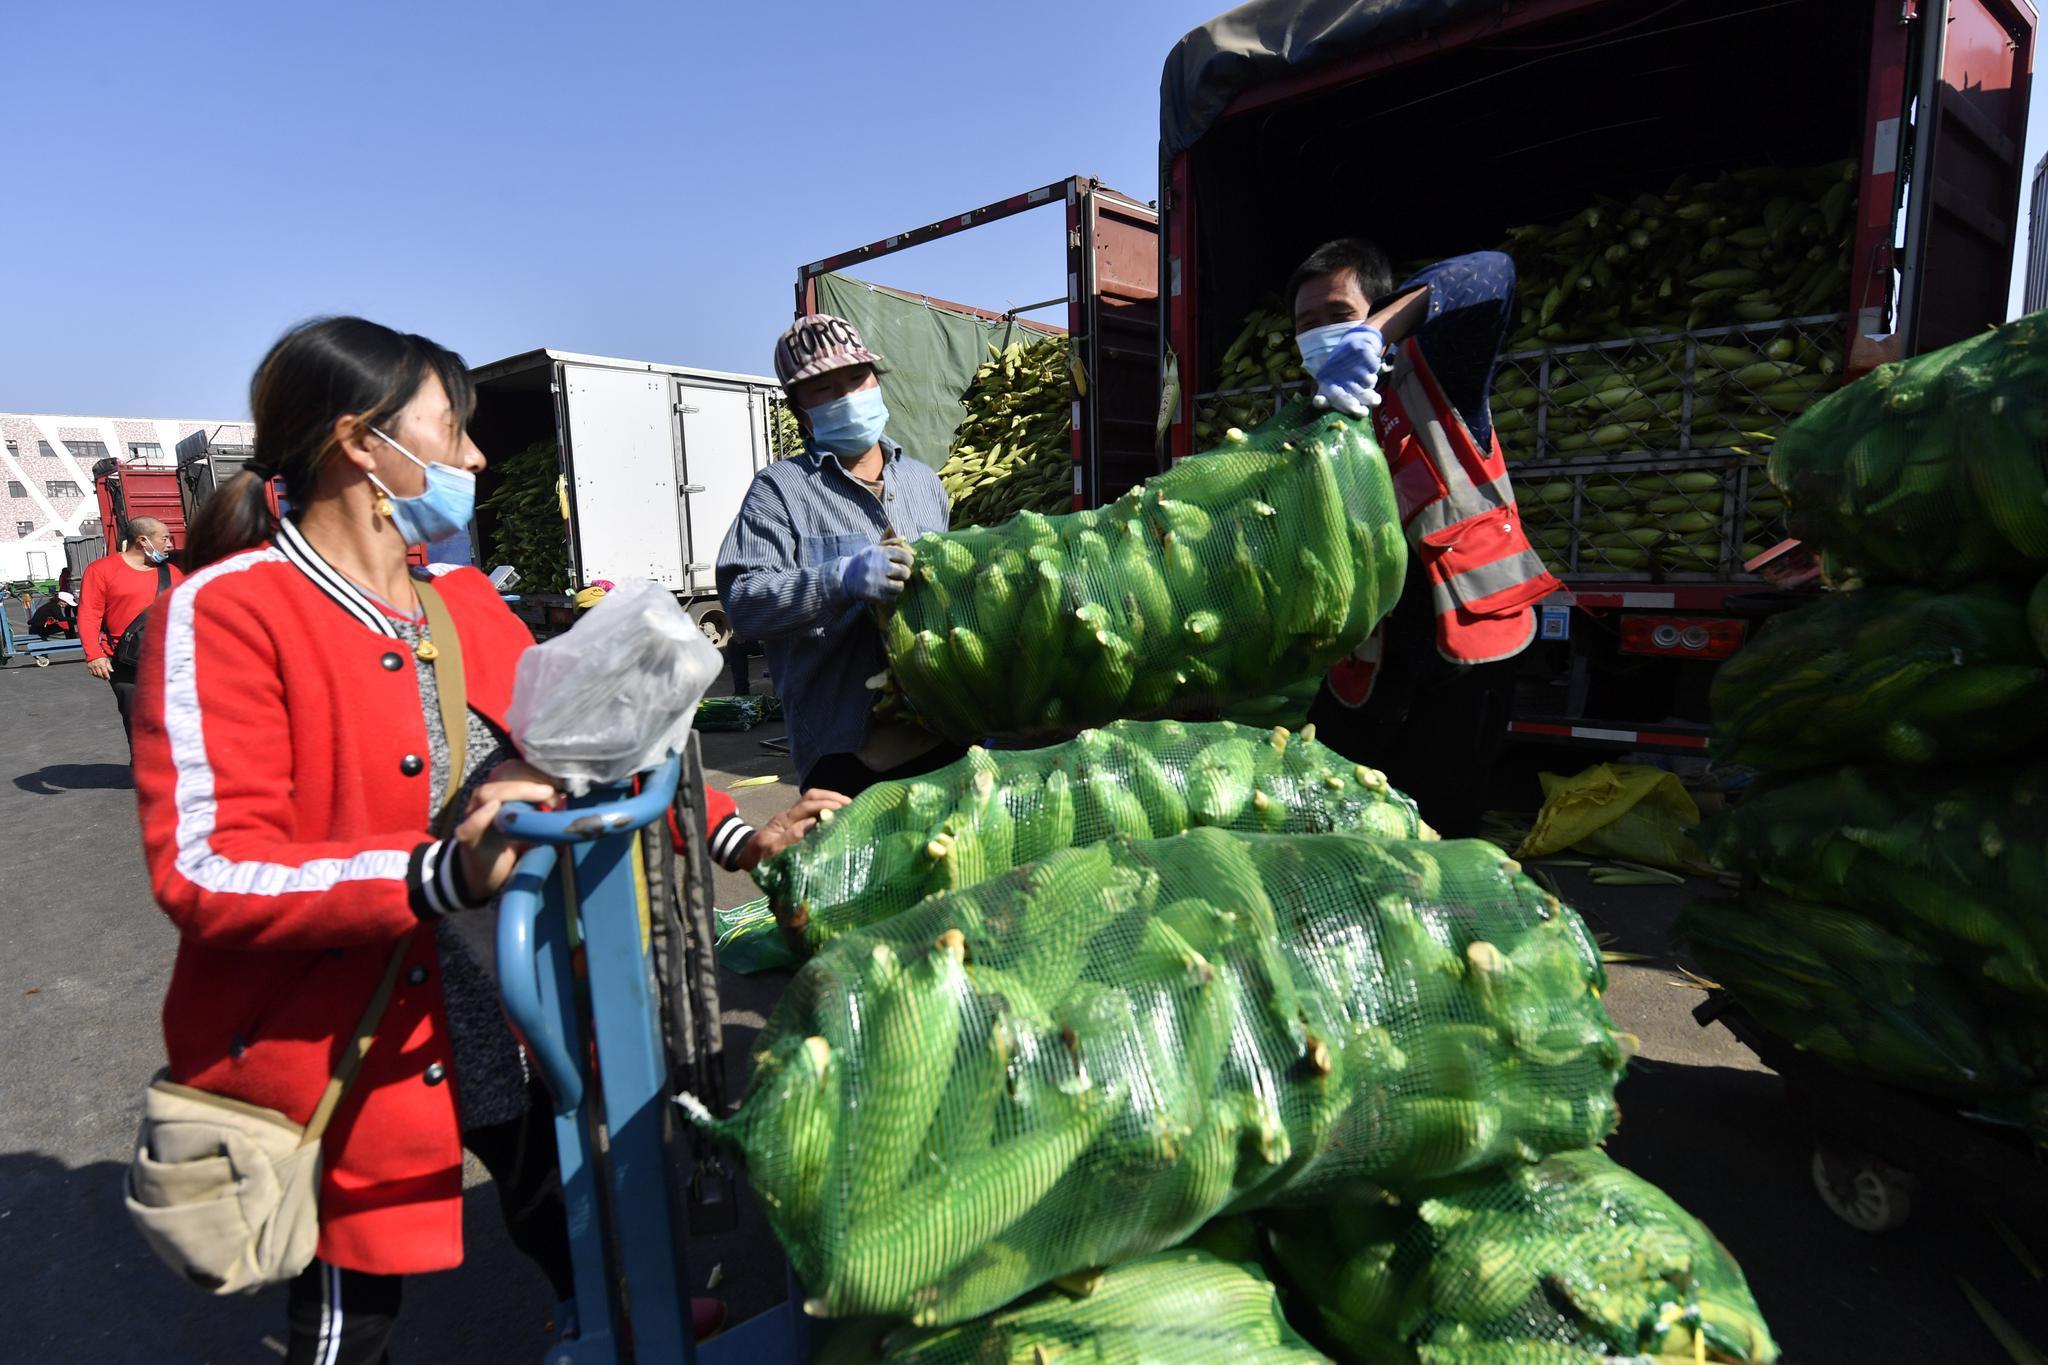 眼下正是鲜食玉米销售旺季,商户忙着批发玉米。南方玉米明天即将到京,销量还会增加。摄影/新京报记者吴宁